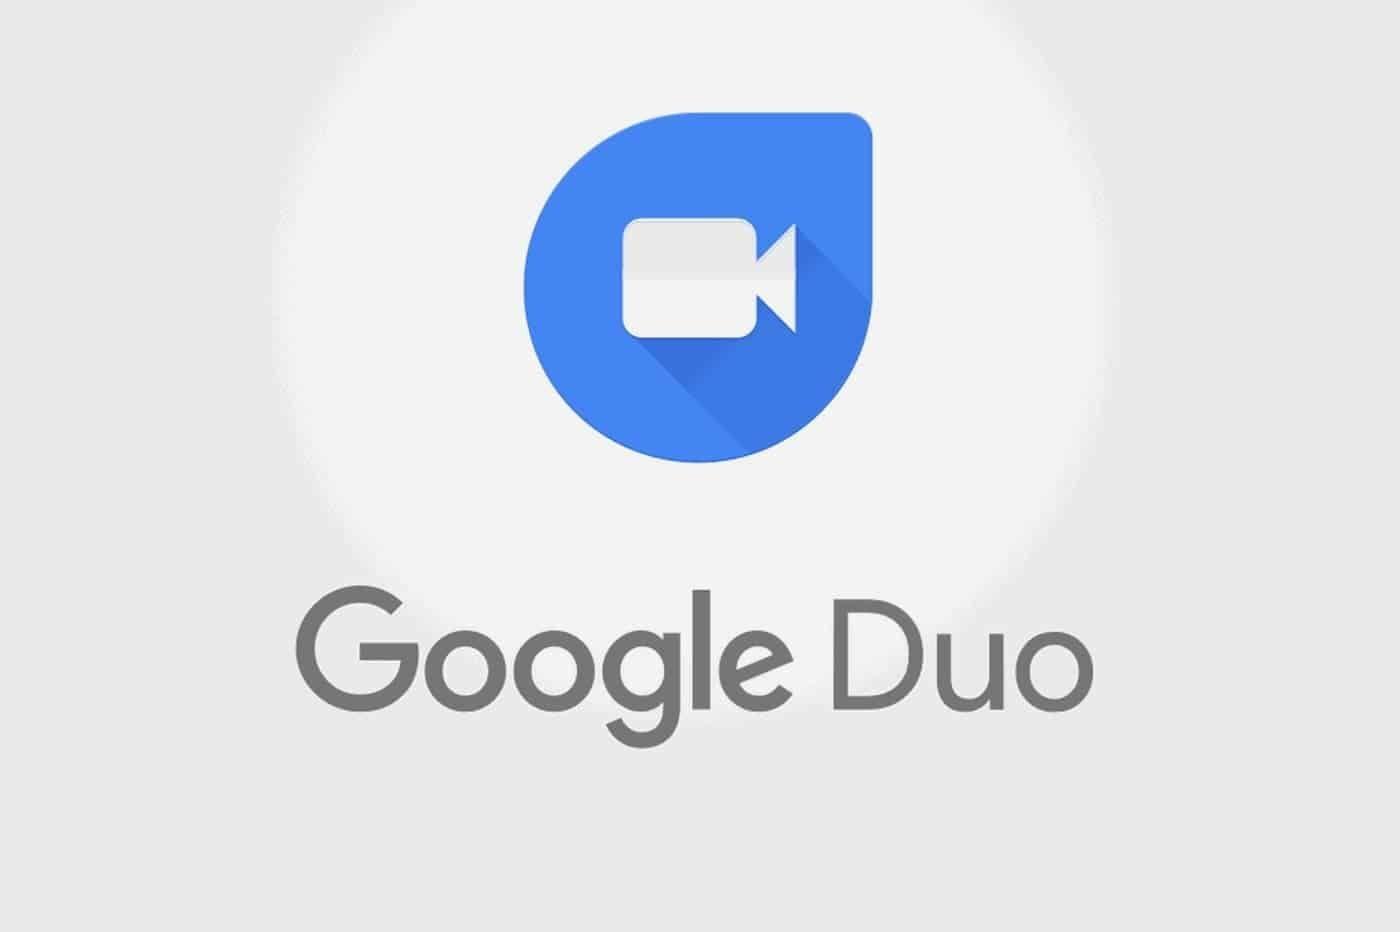 Google Duo теперь позволяет совершать видеозвонки до 12 человек (google duo)